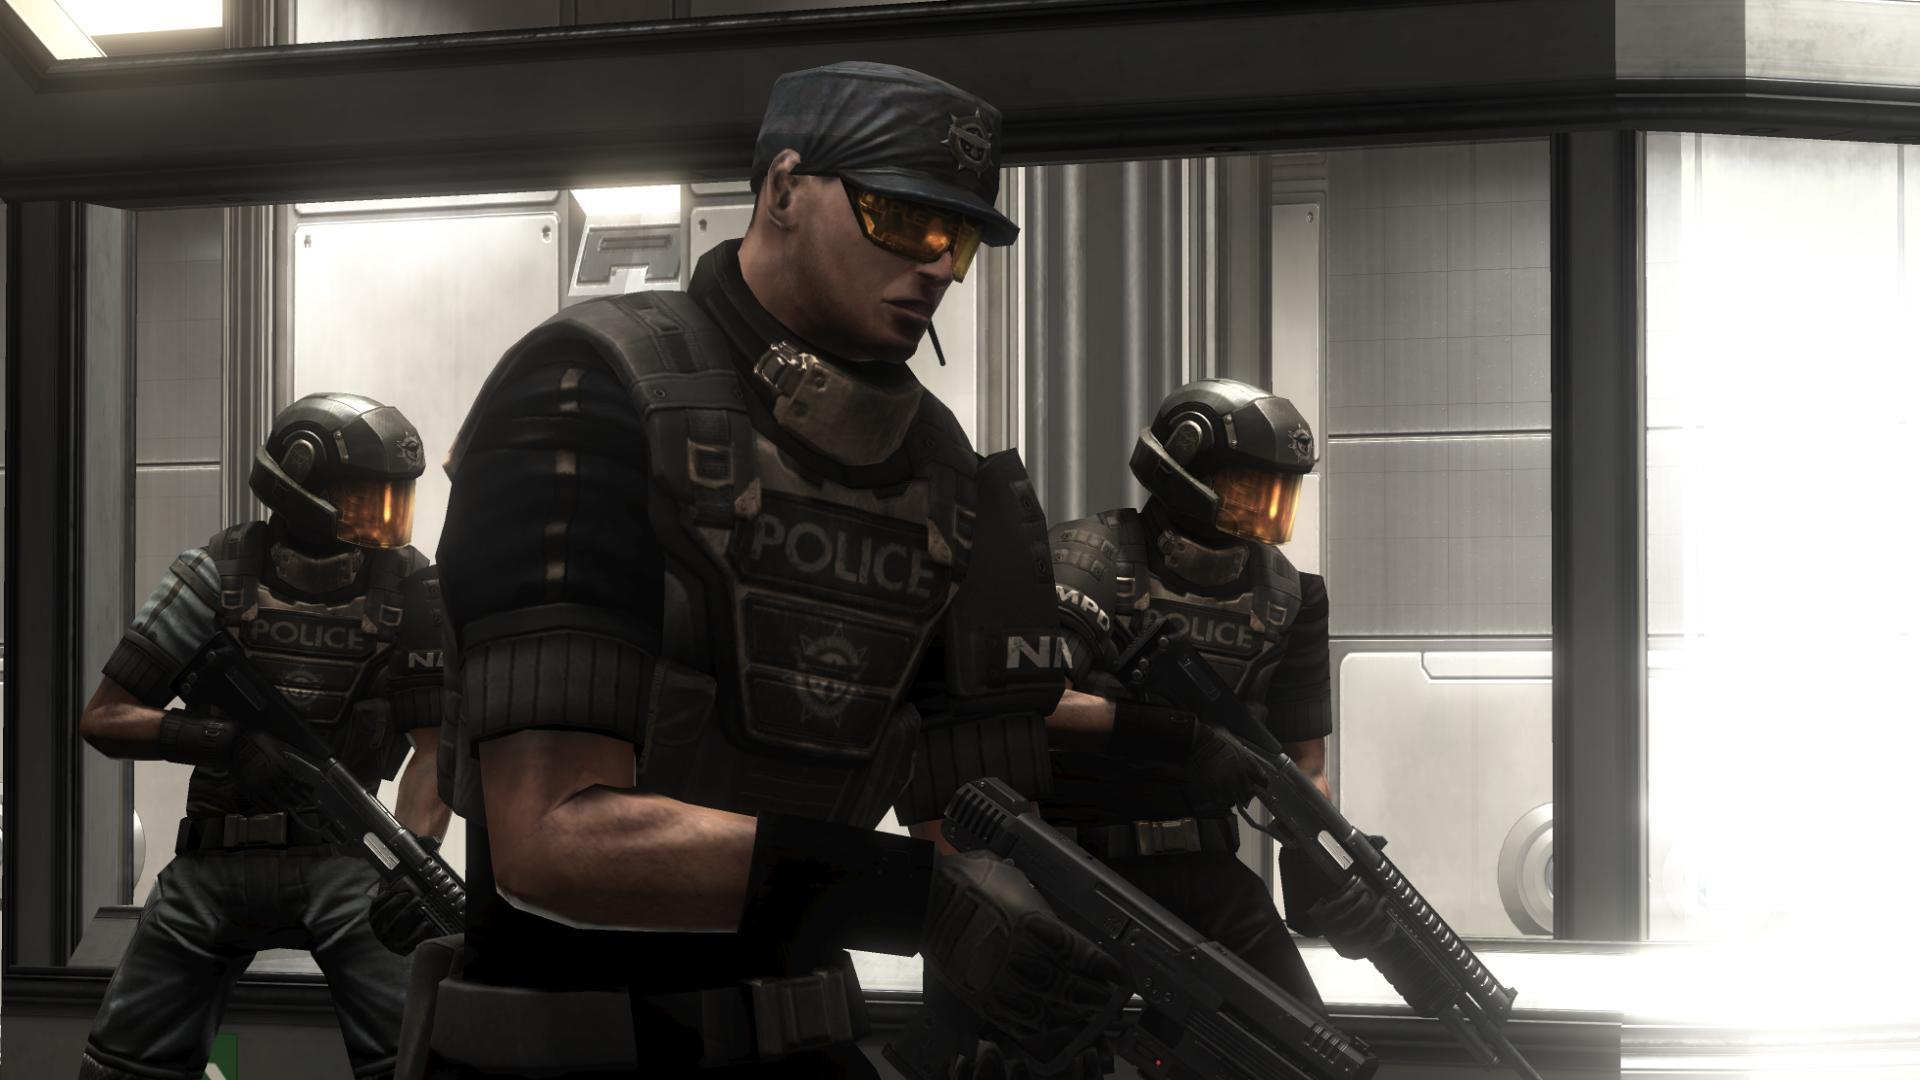 UEG Law Enforcement